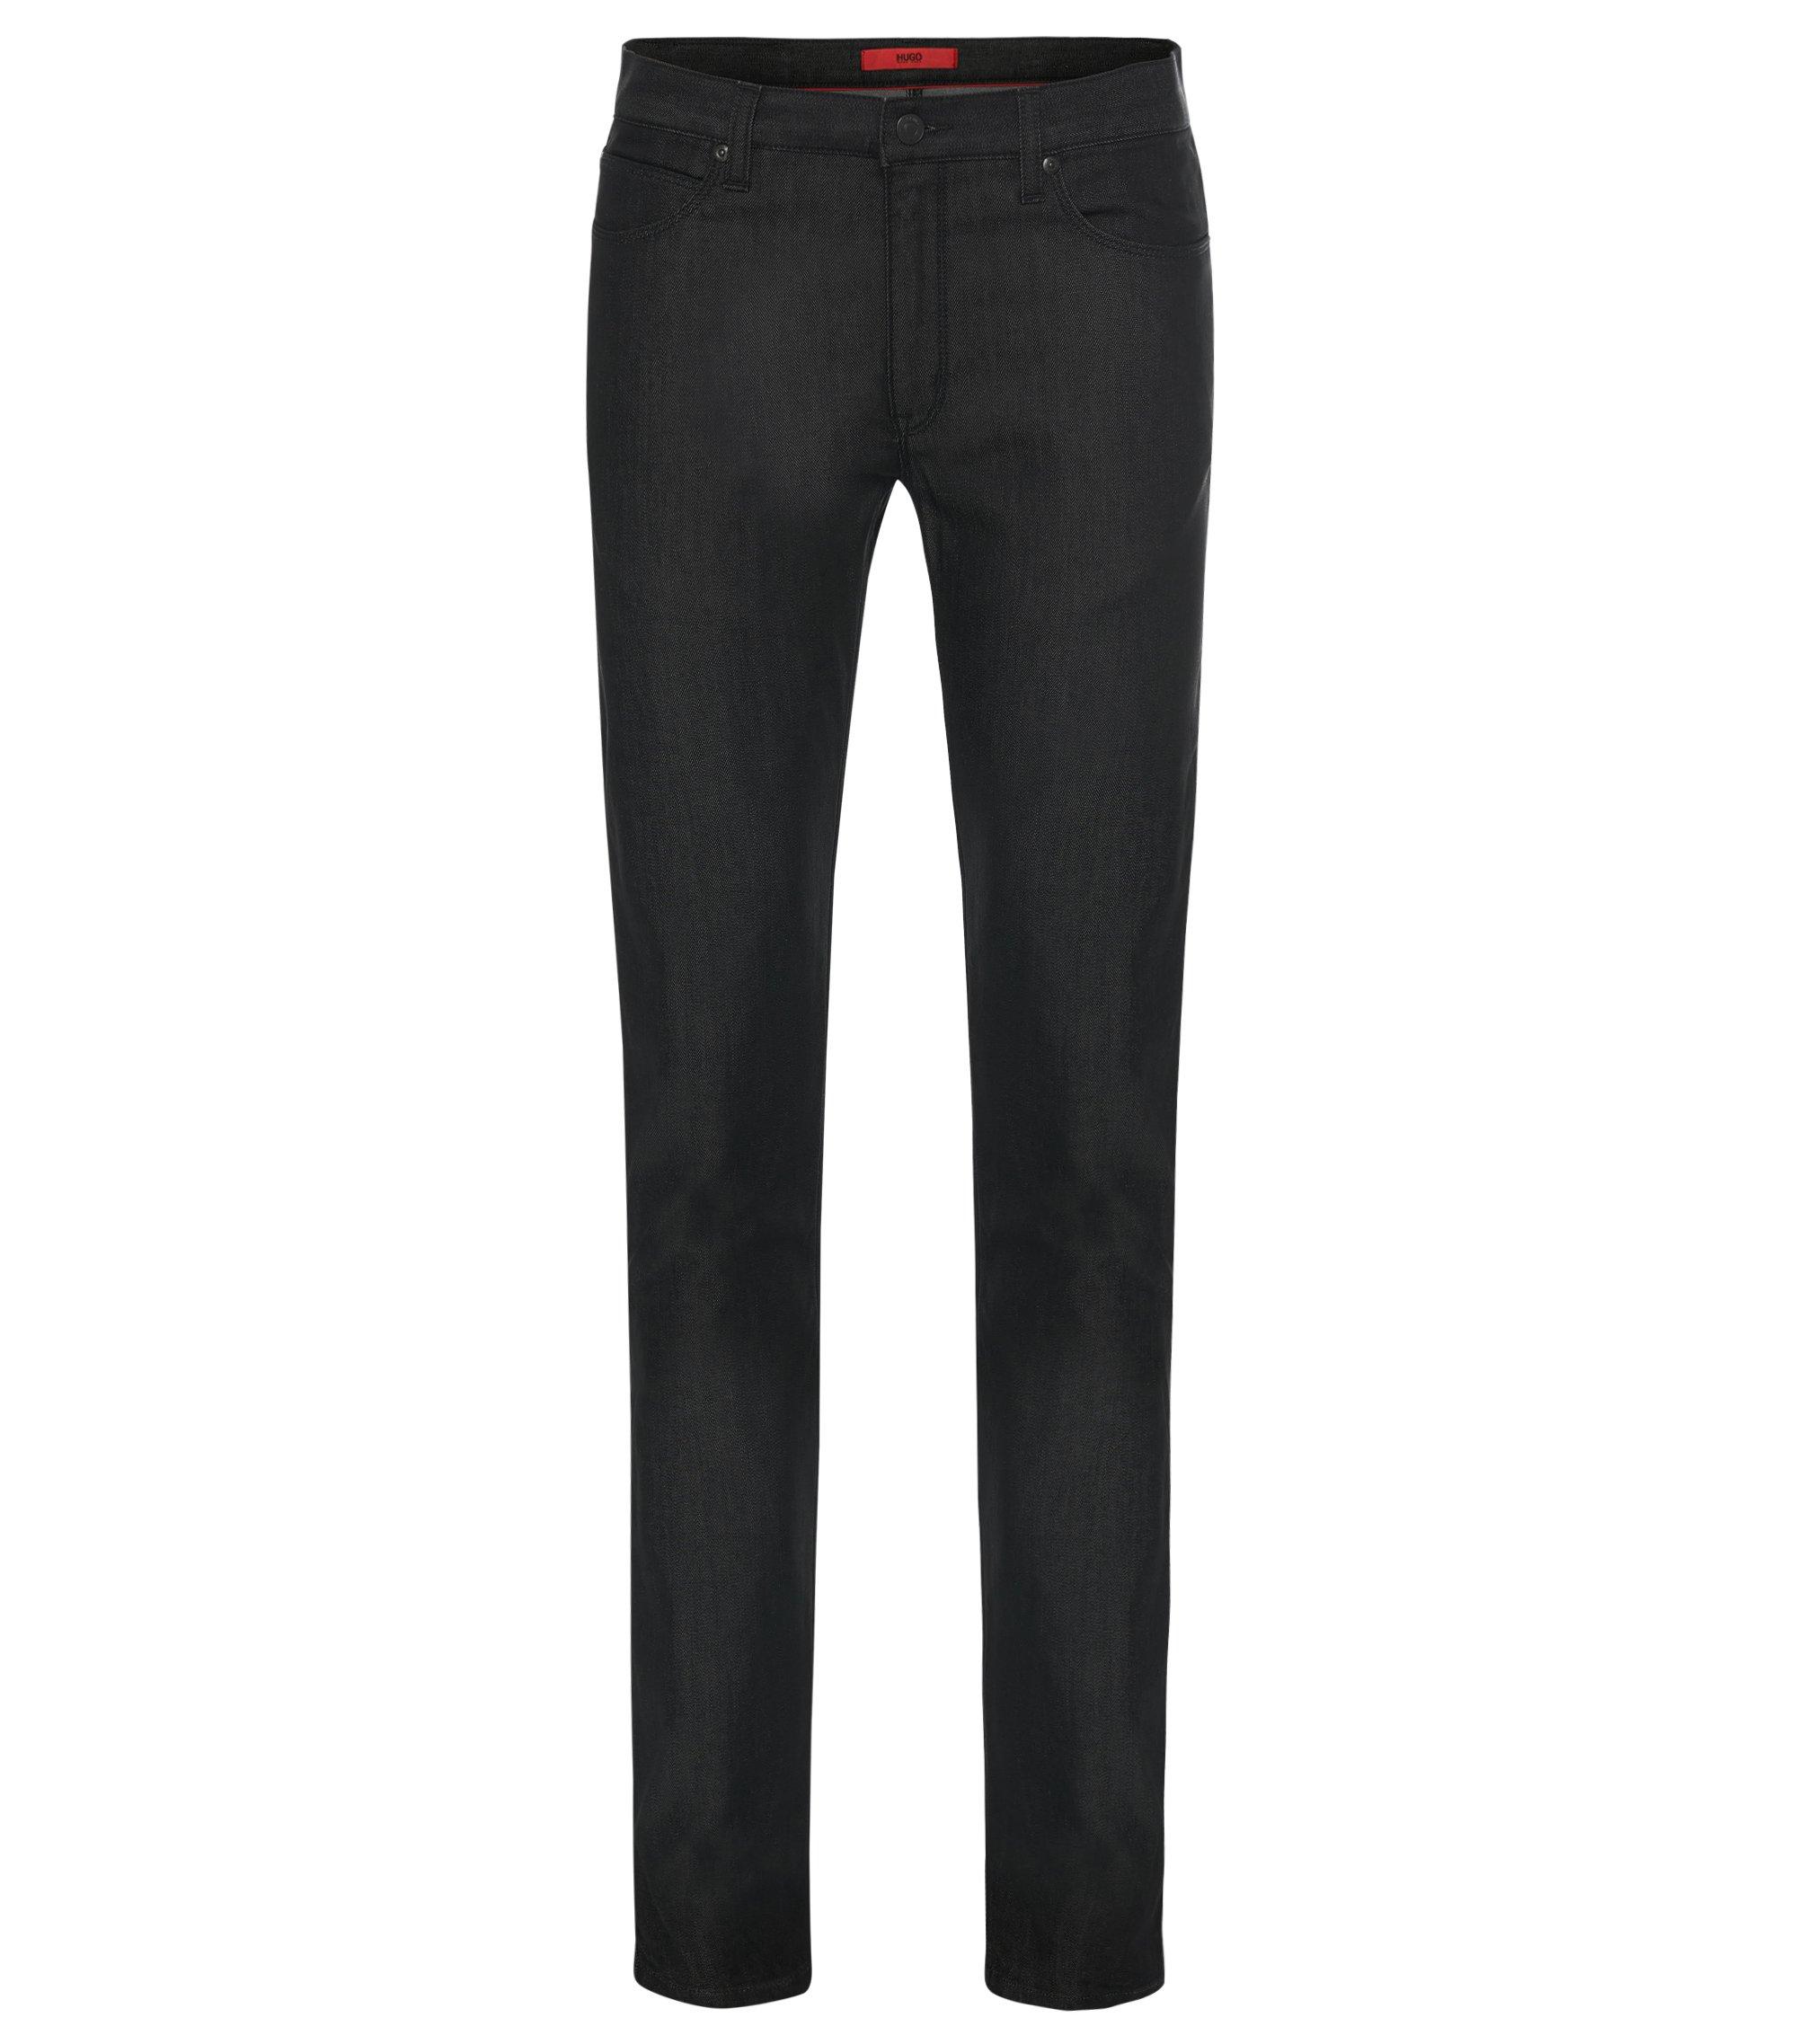 9.5 oz Stretch Cotton Blend Jeans, Slim Fit | Hugo 708, Black